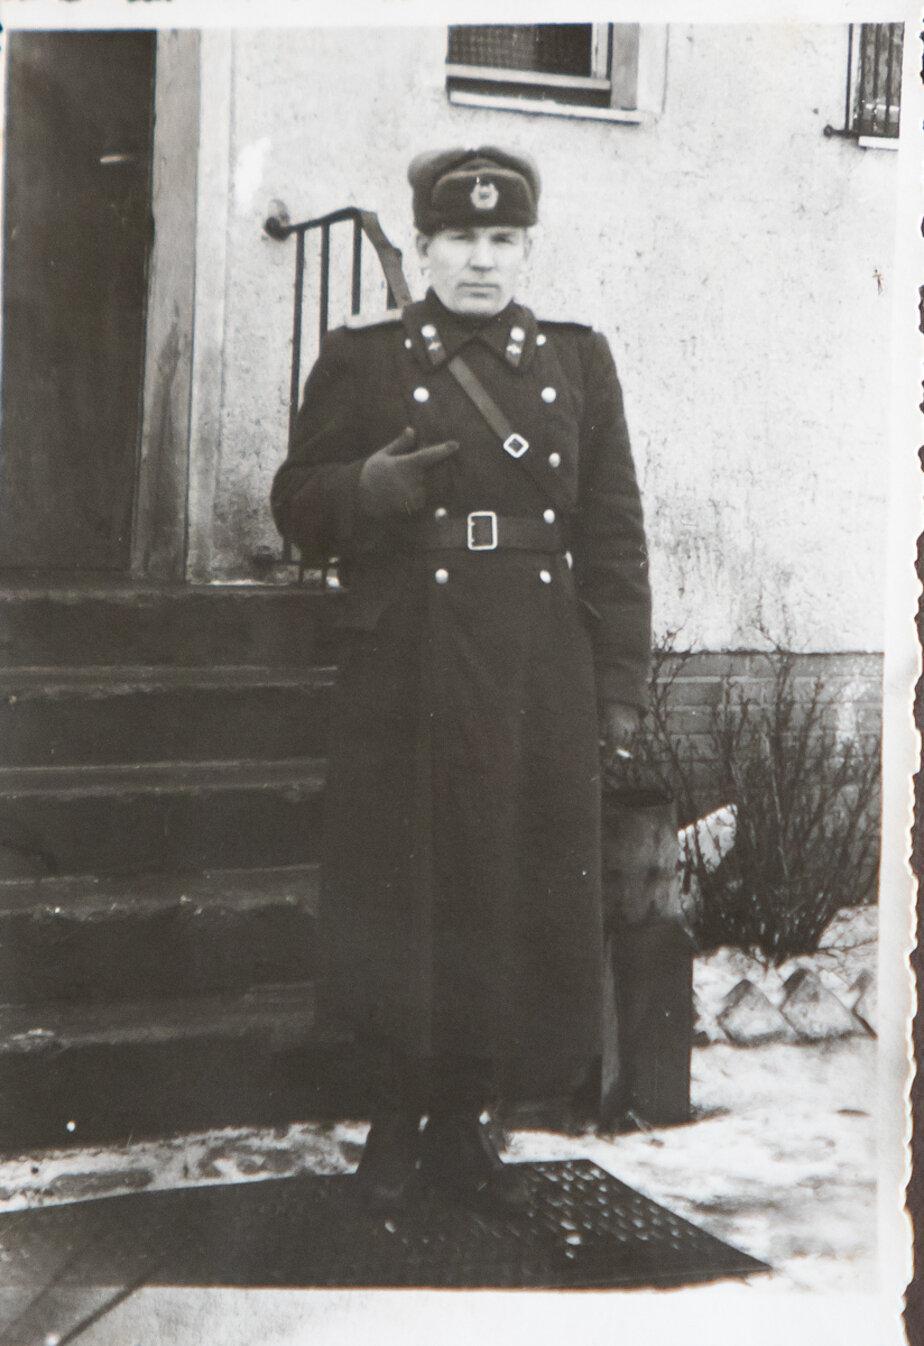 Лётчик-истребитель Василий Мамаев на ступеньках своего дома в Воздушном посёлке | Фото: личный архив